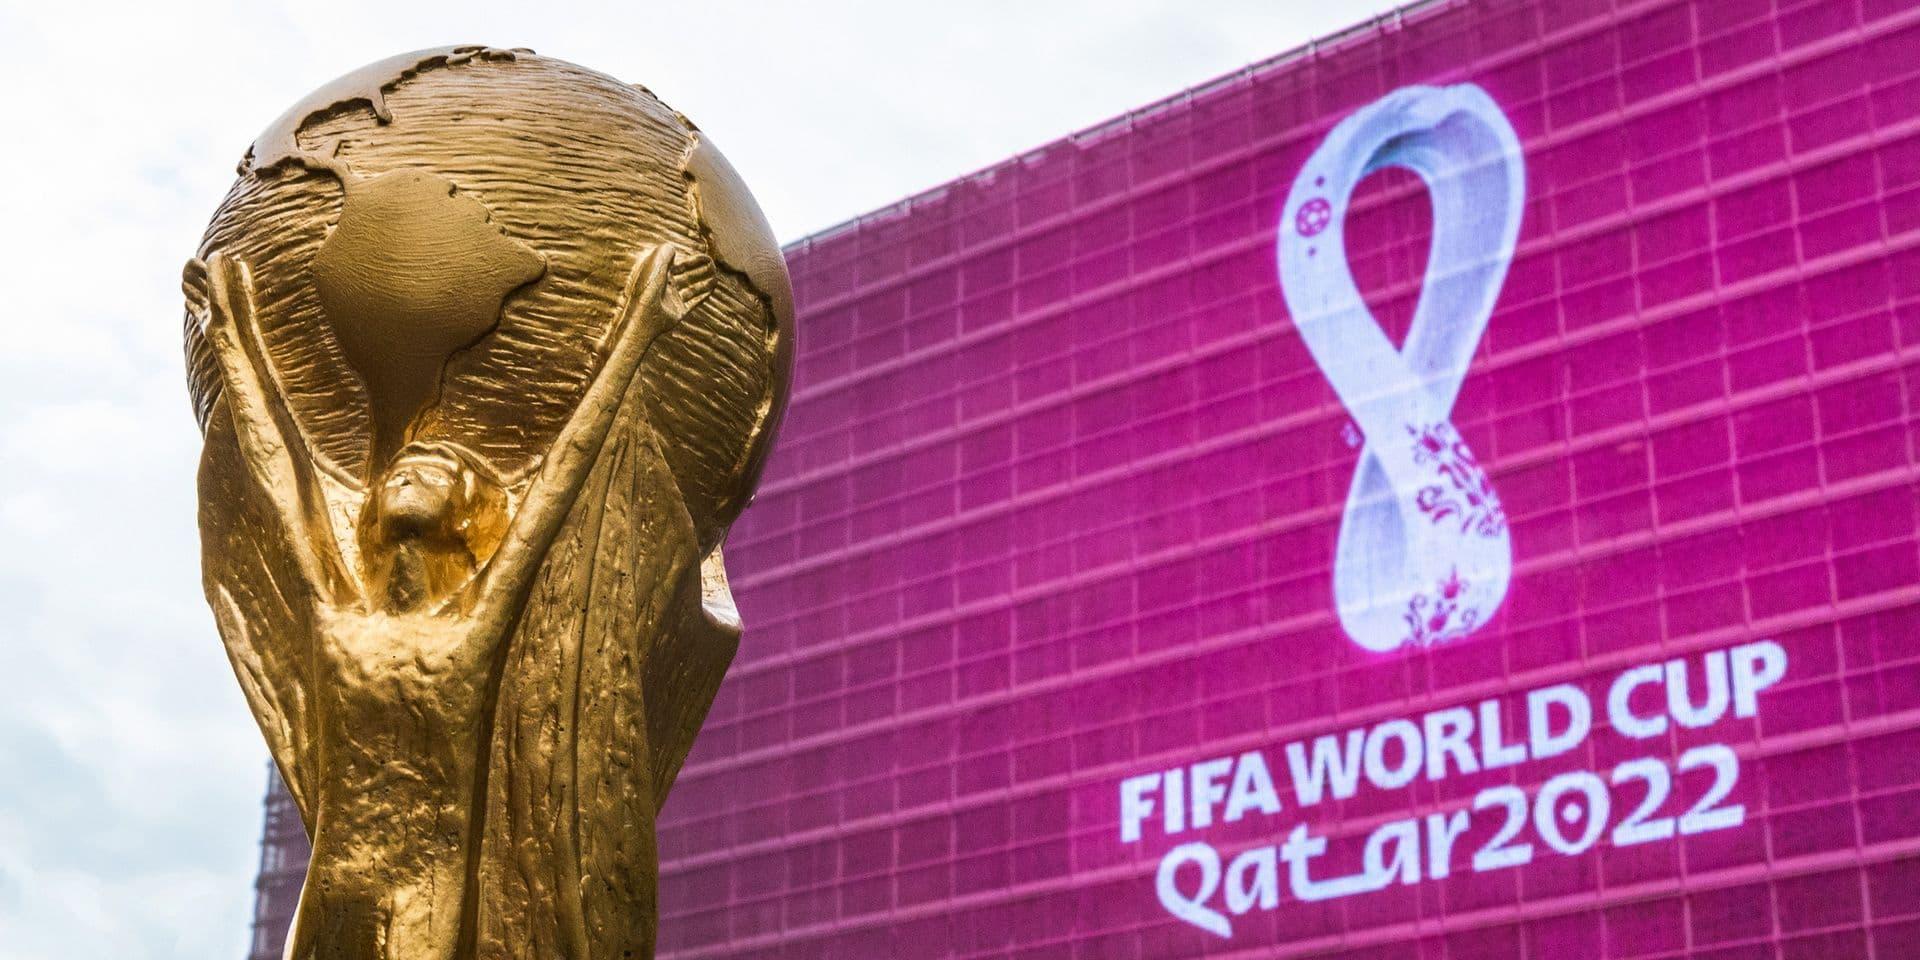 Mondial 2022: la Belgique tête de série des qualifications, tirage au sort prévu le 7 décembre